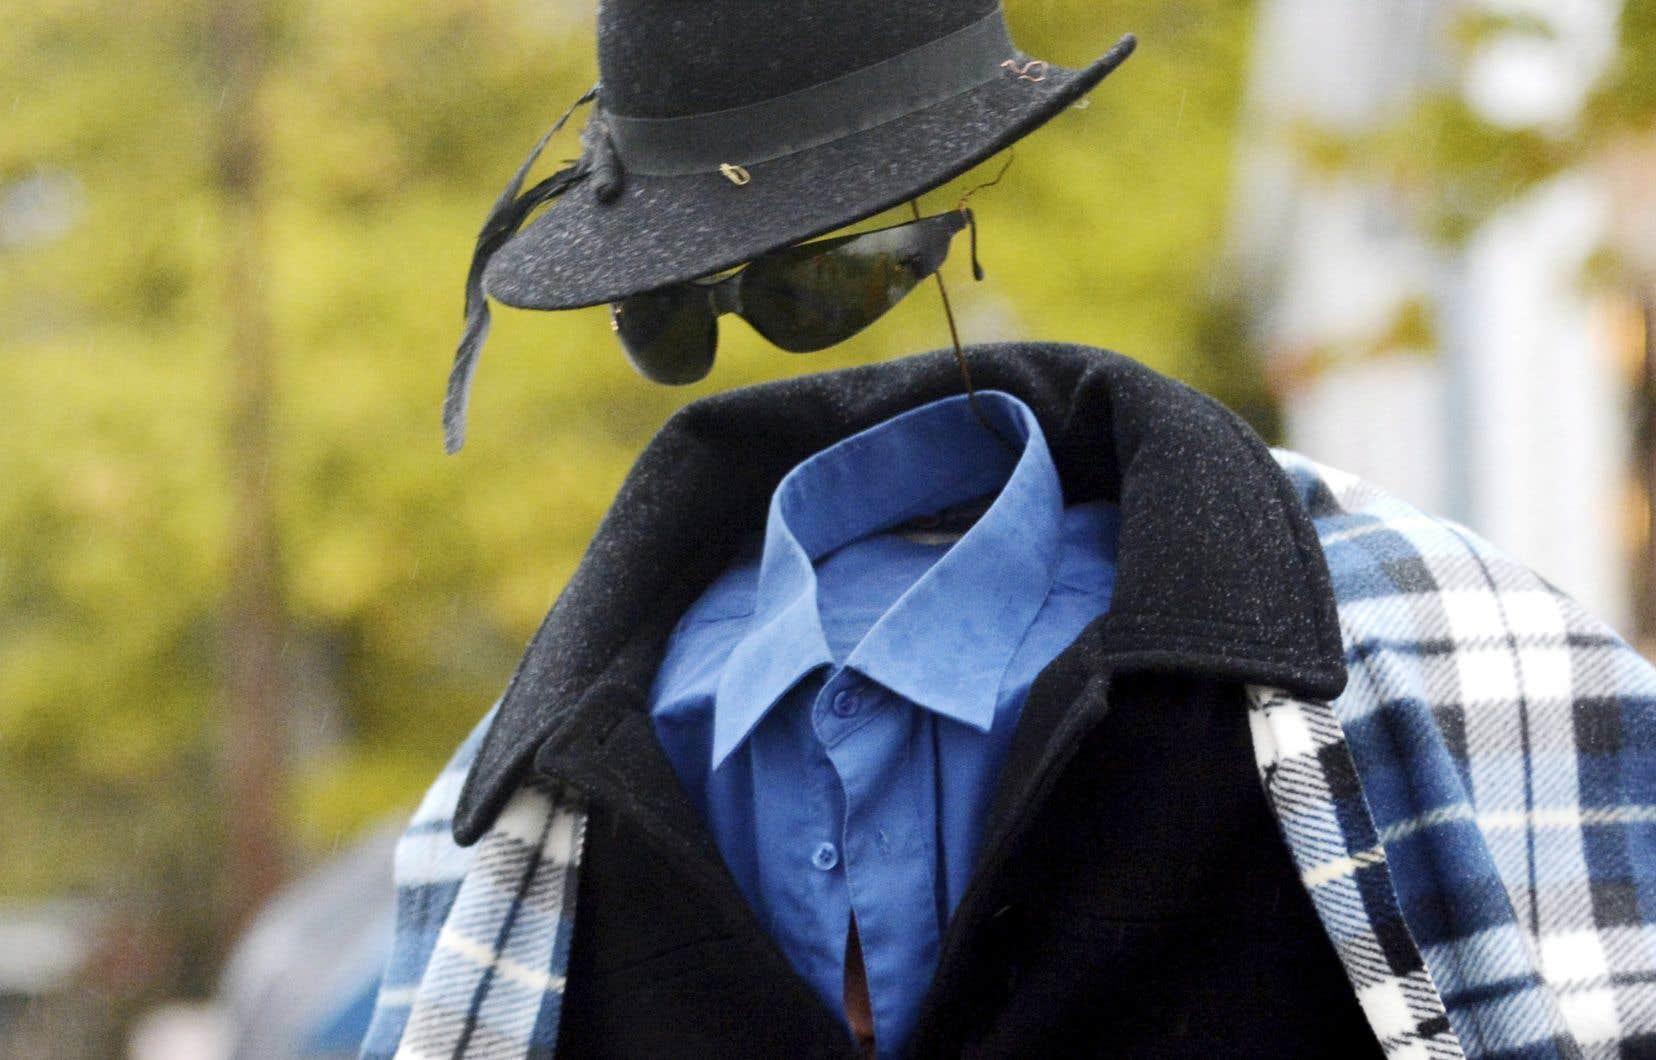 Plus de la moitié des Québécois se déguiseront, selon un sondage.